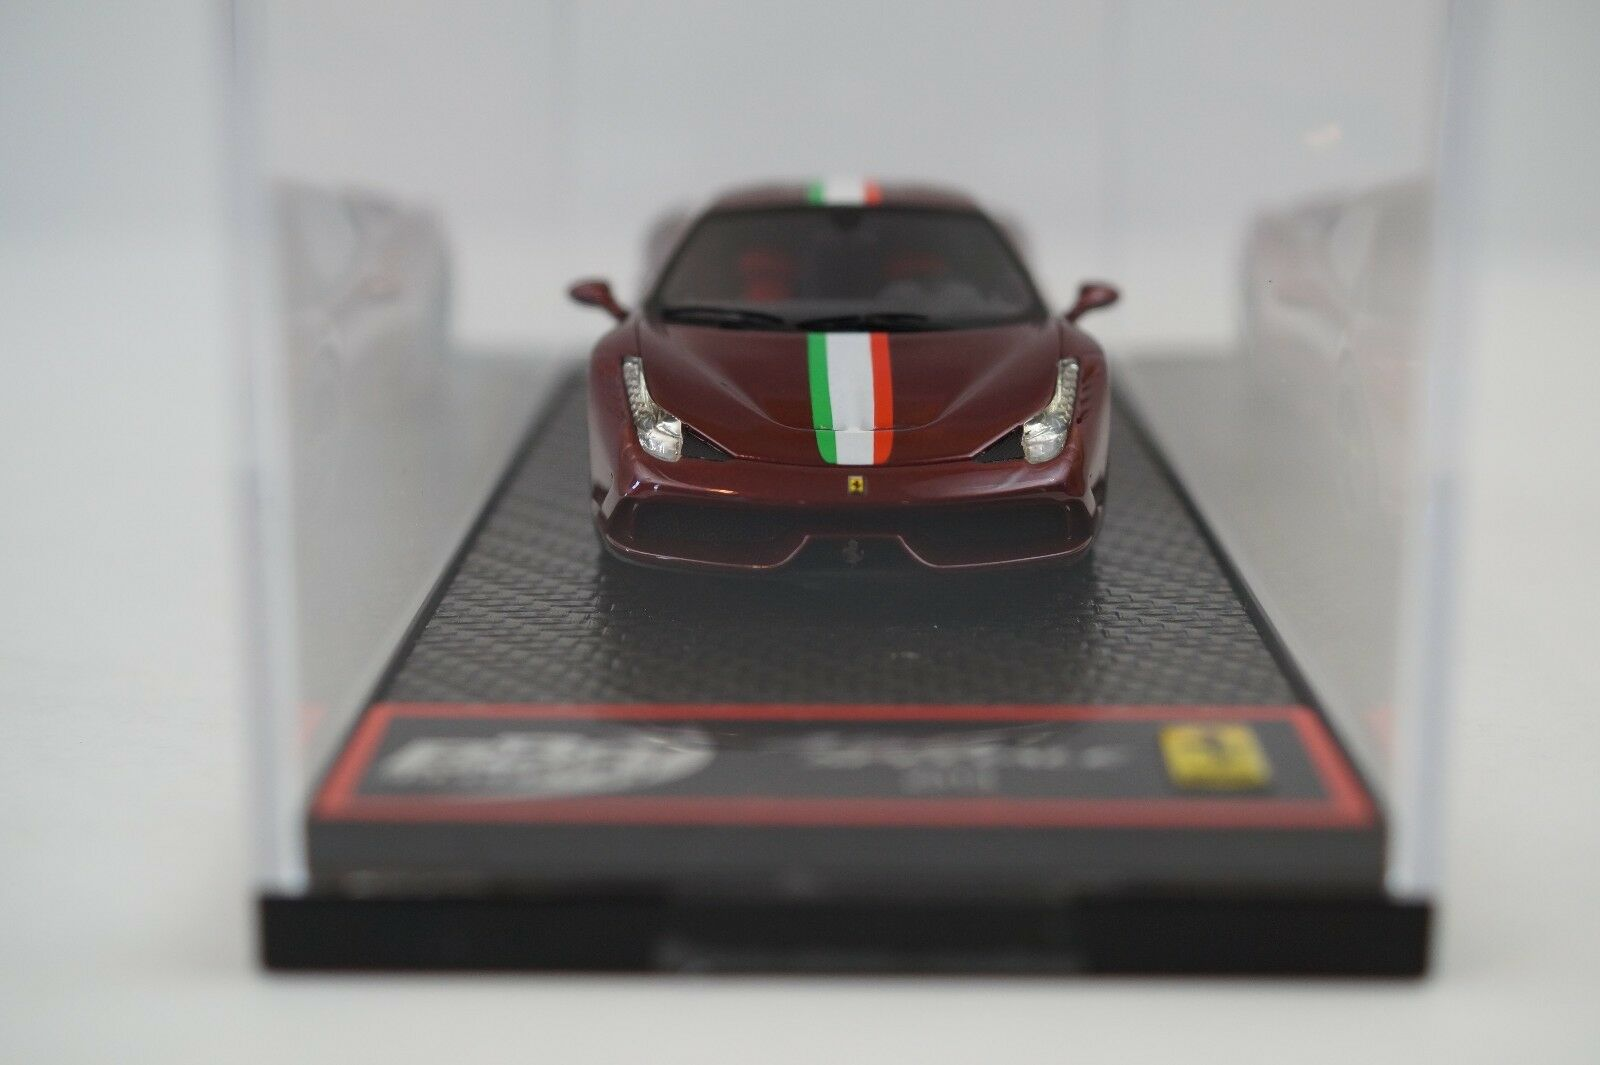 te hará satisfecho Ferrari  Speciale MetRojo MetRojo MetRojo 2736 Piezas -  - BBR  Nuevos productos de artículos novedosos.